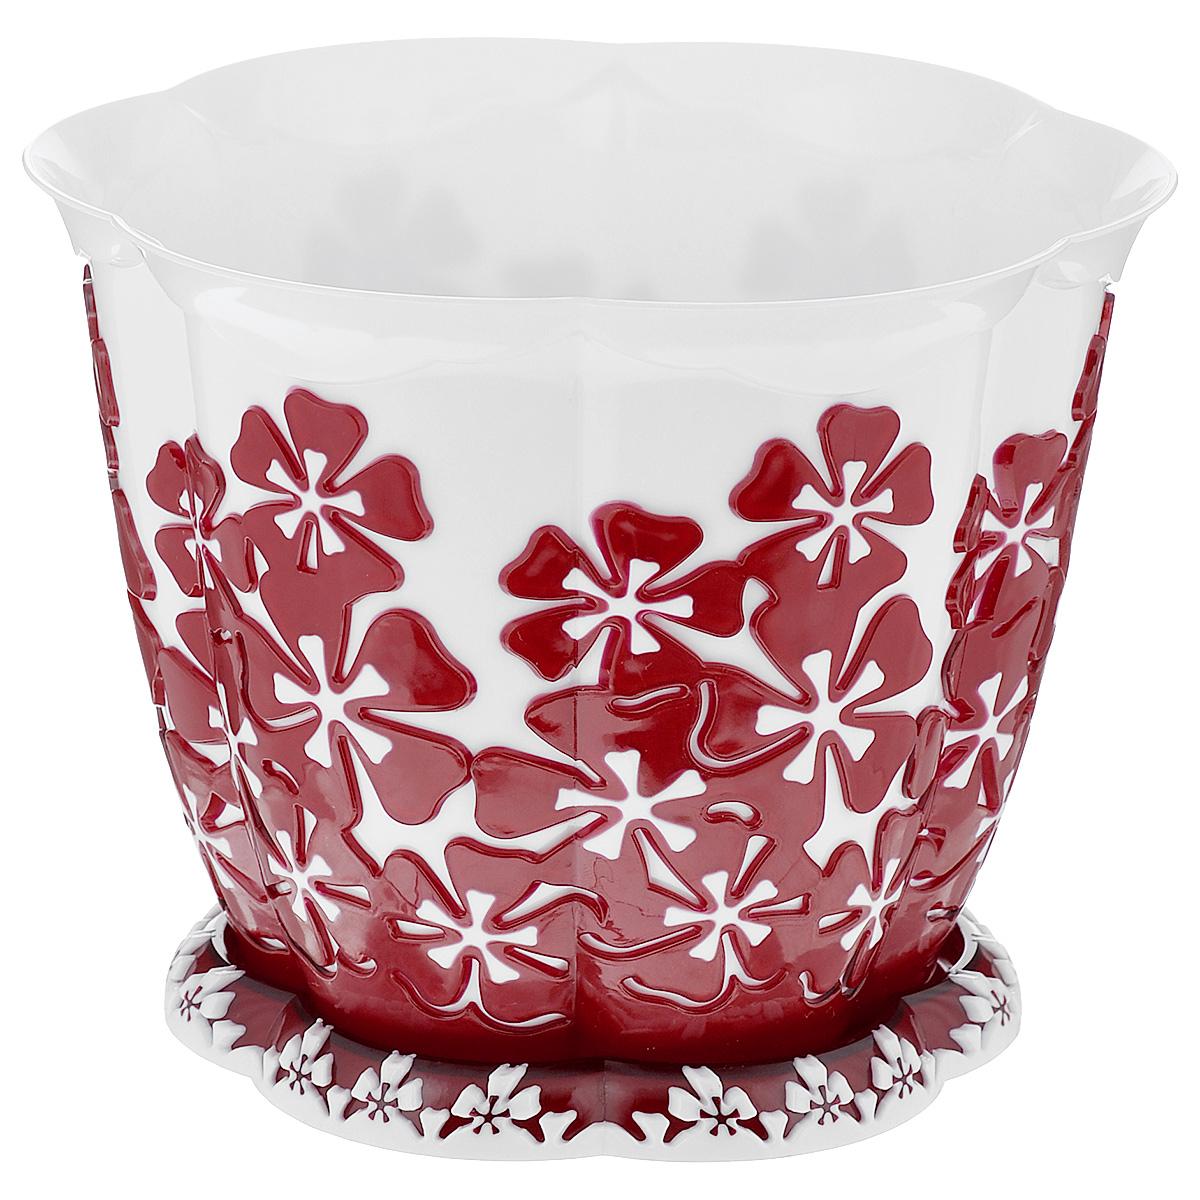 Горшок цветочный Альтернатива Камелия, с поддоном, цвет: белый, красный, 3 лKOC_SOL249_G4Горшок для цветов Альтернатива Камелия представляет собой пластиковую емкость, декорированную объемным цветочным орнаментом. Изделие оснащено поддоном для стока жидкости. Горшок имеет стильный дизайн, поэтому прекрасно впишется в любой интерьер. Диаметр по верхнему краю: 20,5 см. Высота: 16 см.Объем горшка: 3 л.